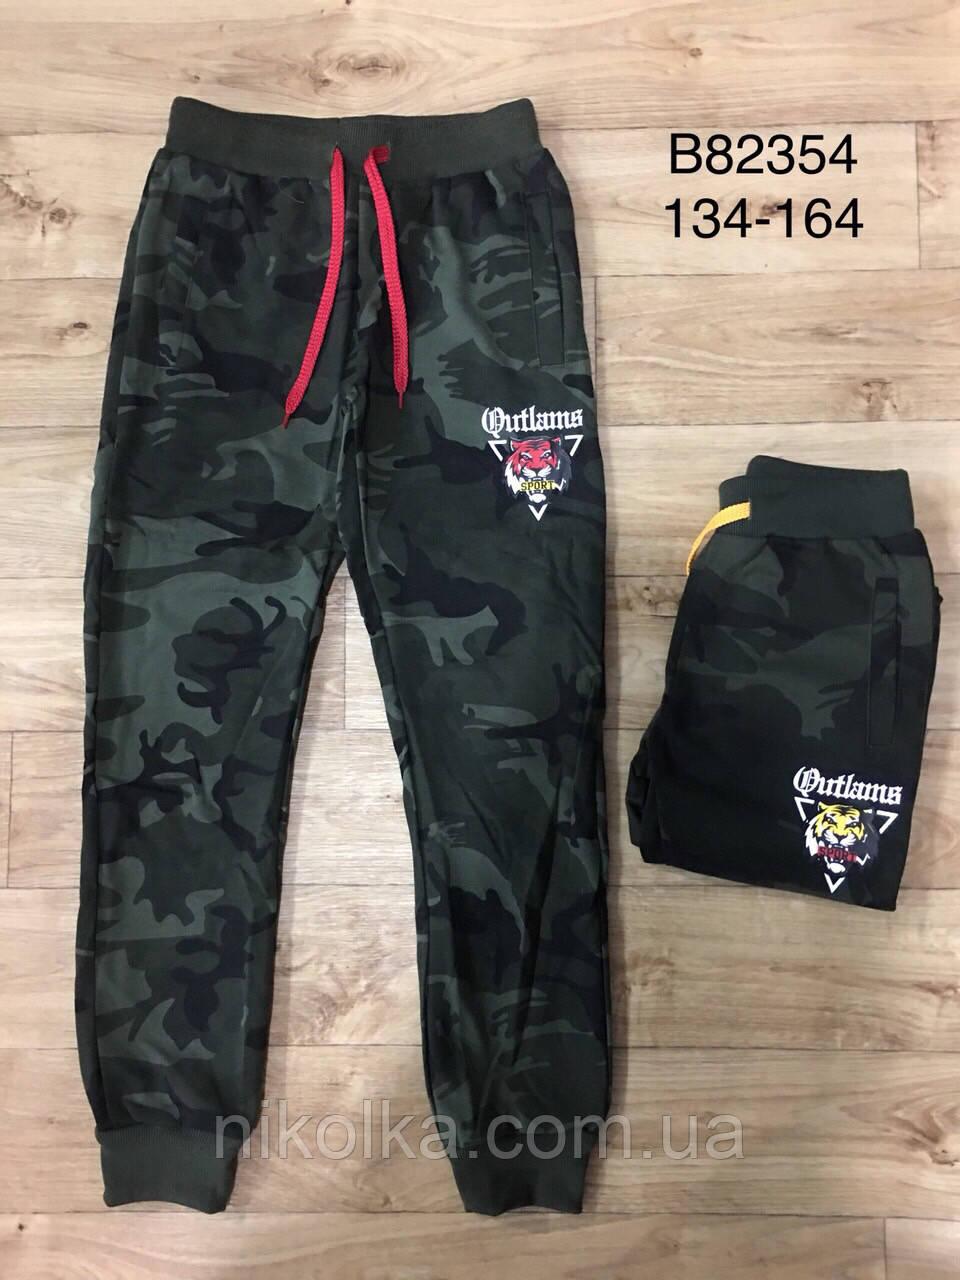 Спортивные штаны  для мальчиков оптом ,Grace, 134-164 рр., арт. 82354